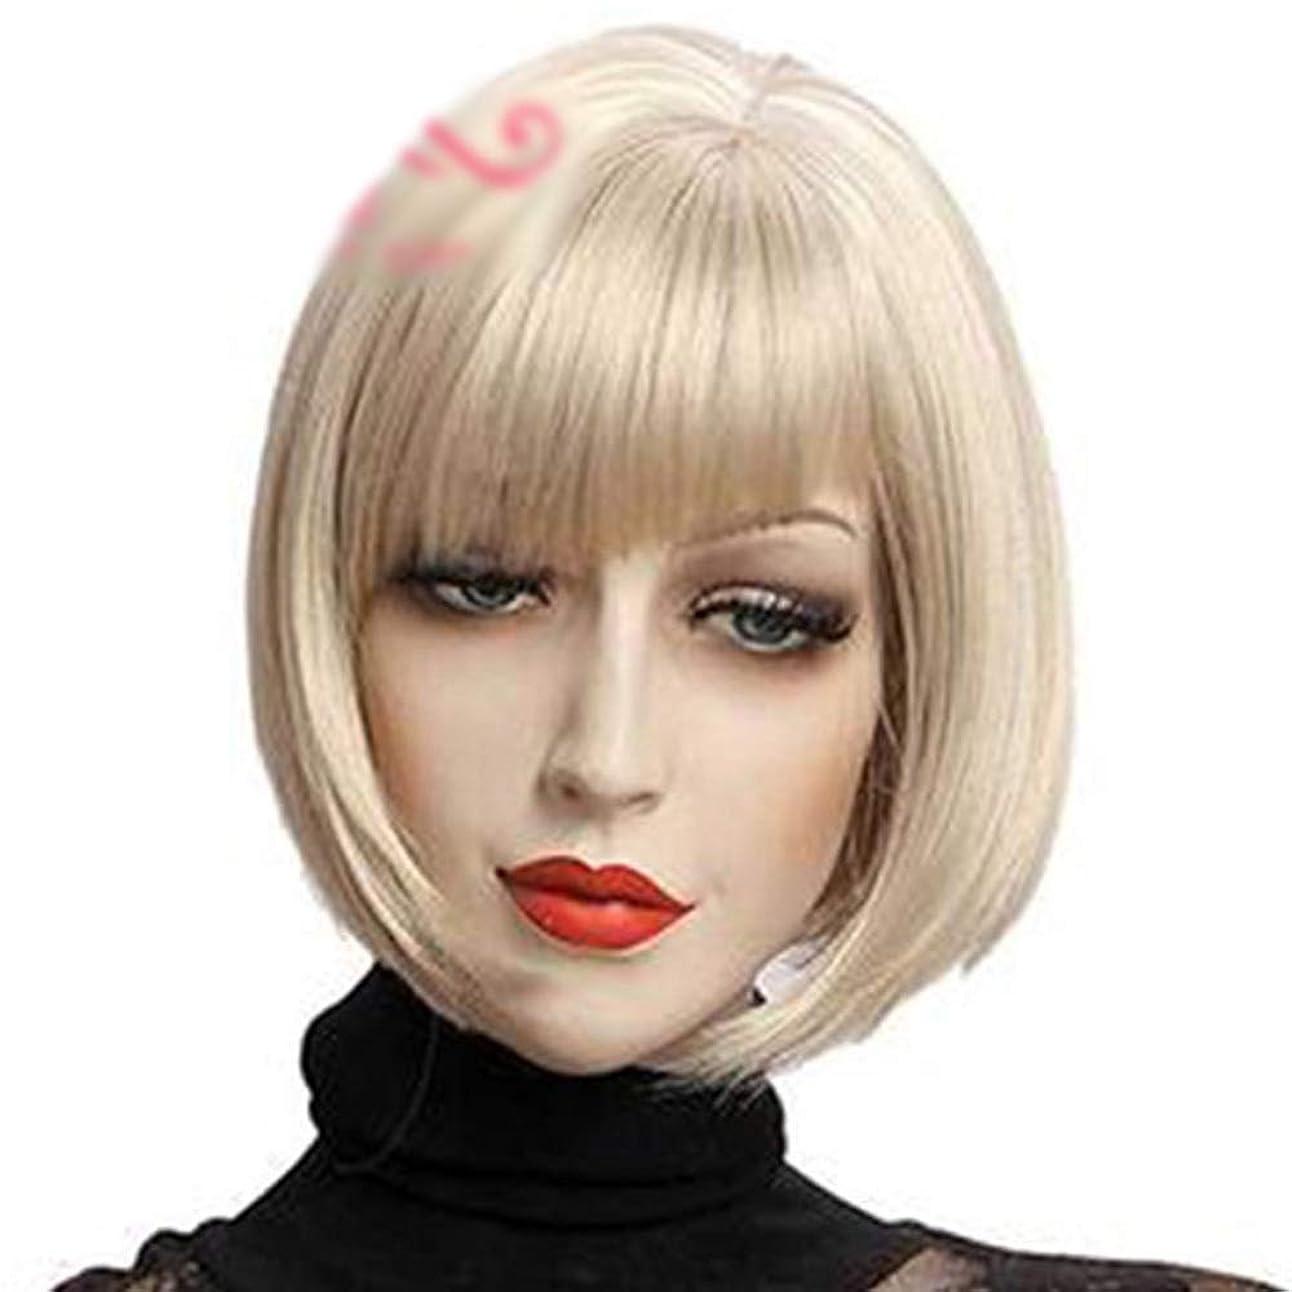 スラムごちそう主張するWASAIO 女性用ウィッグショートボブウィッグアッシュブロンドストレートヘア (色 : グレー)